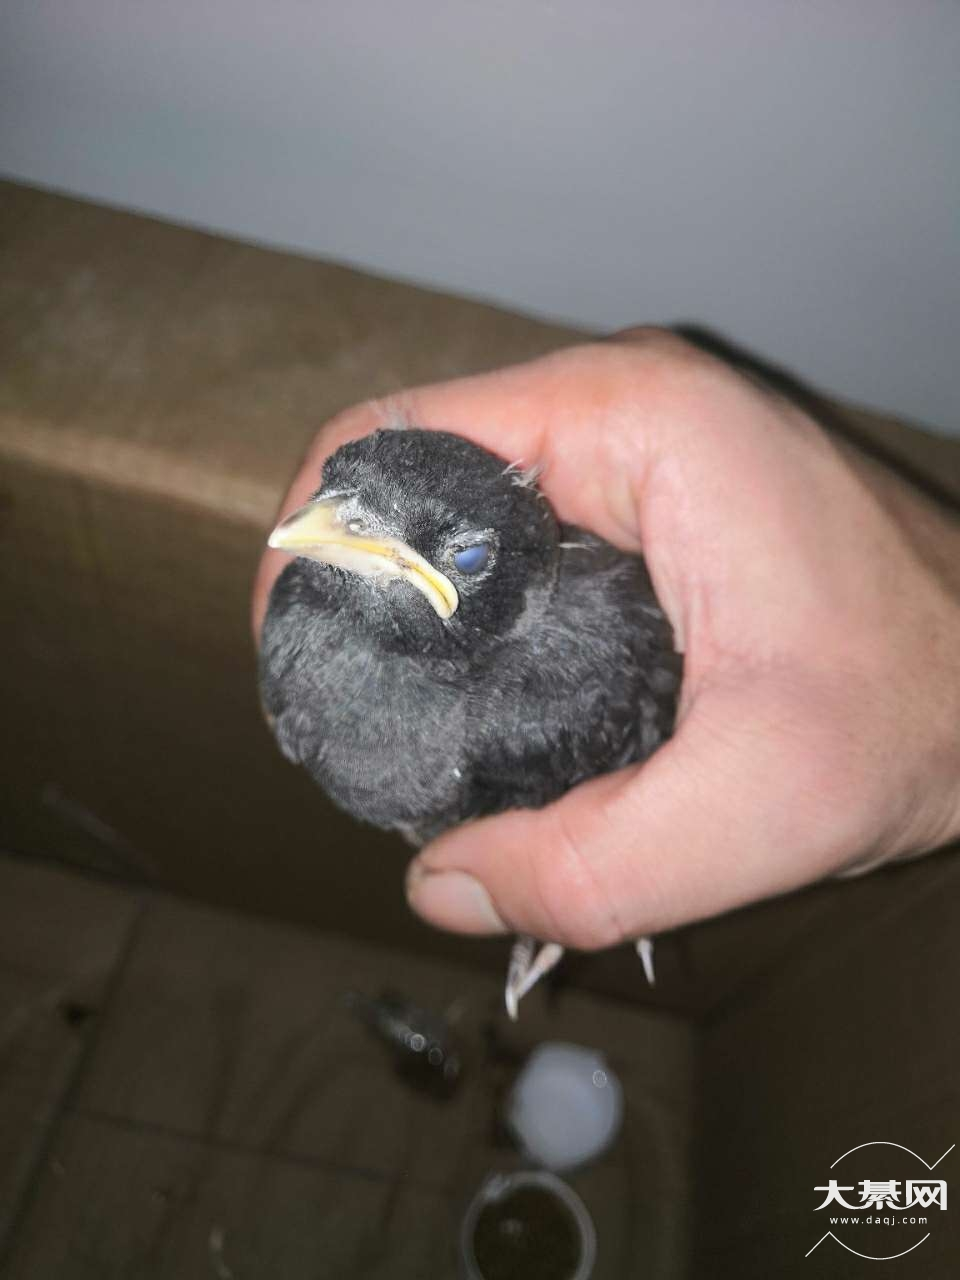 今天捡的,帮忙看看是什么鸟